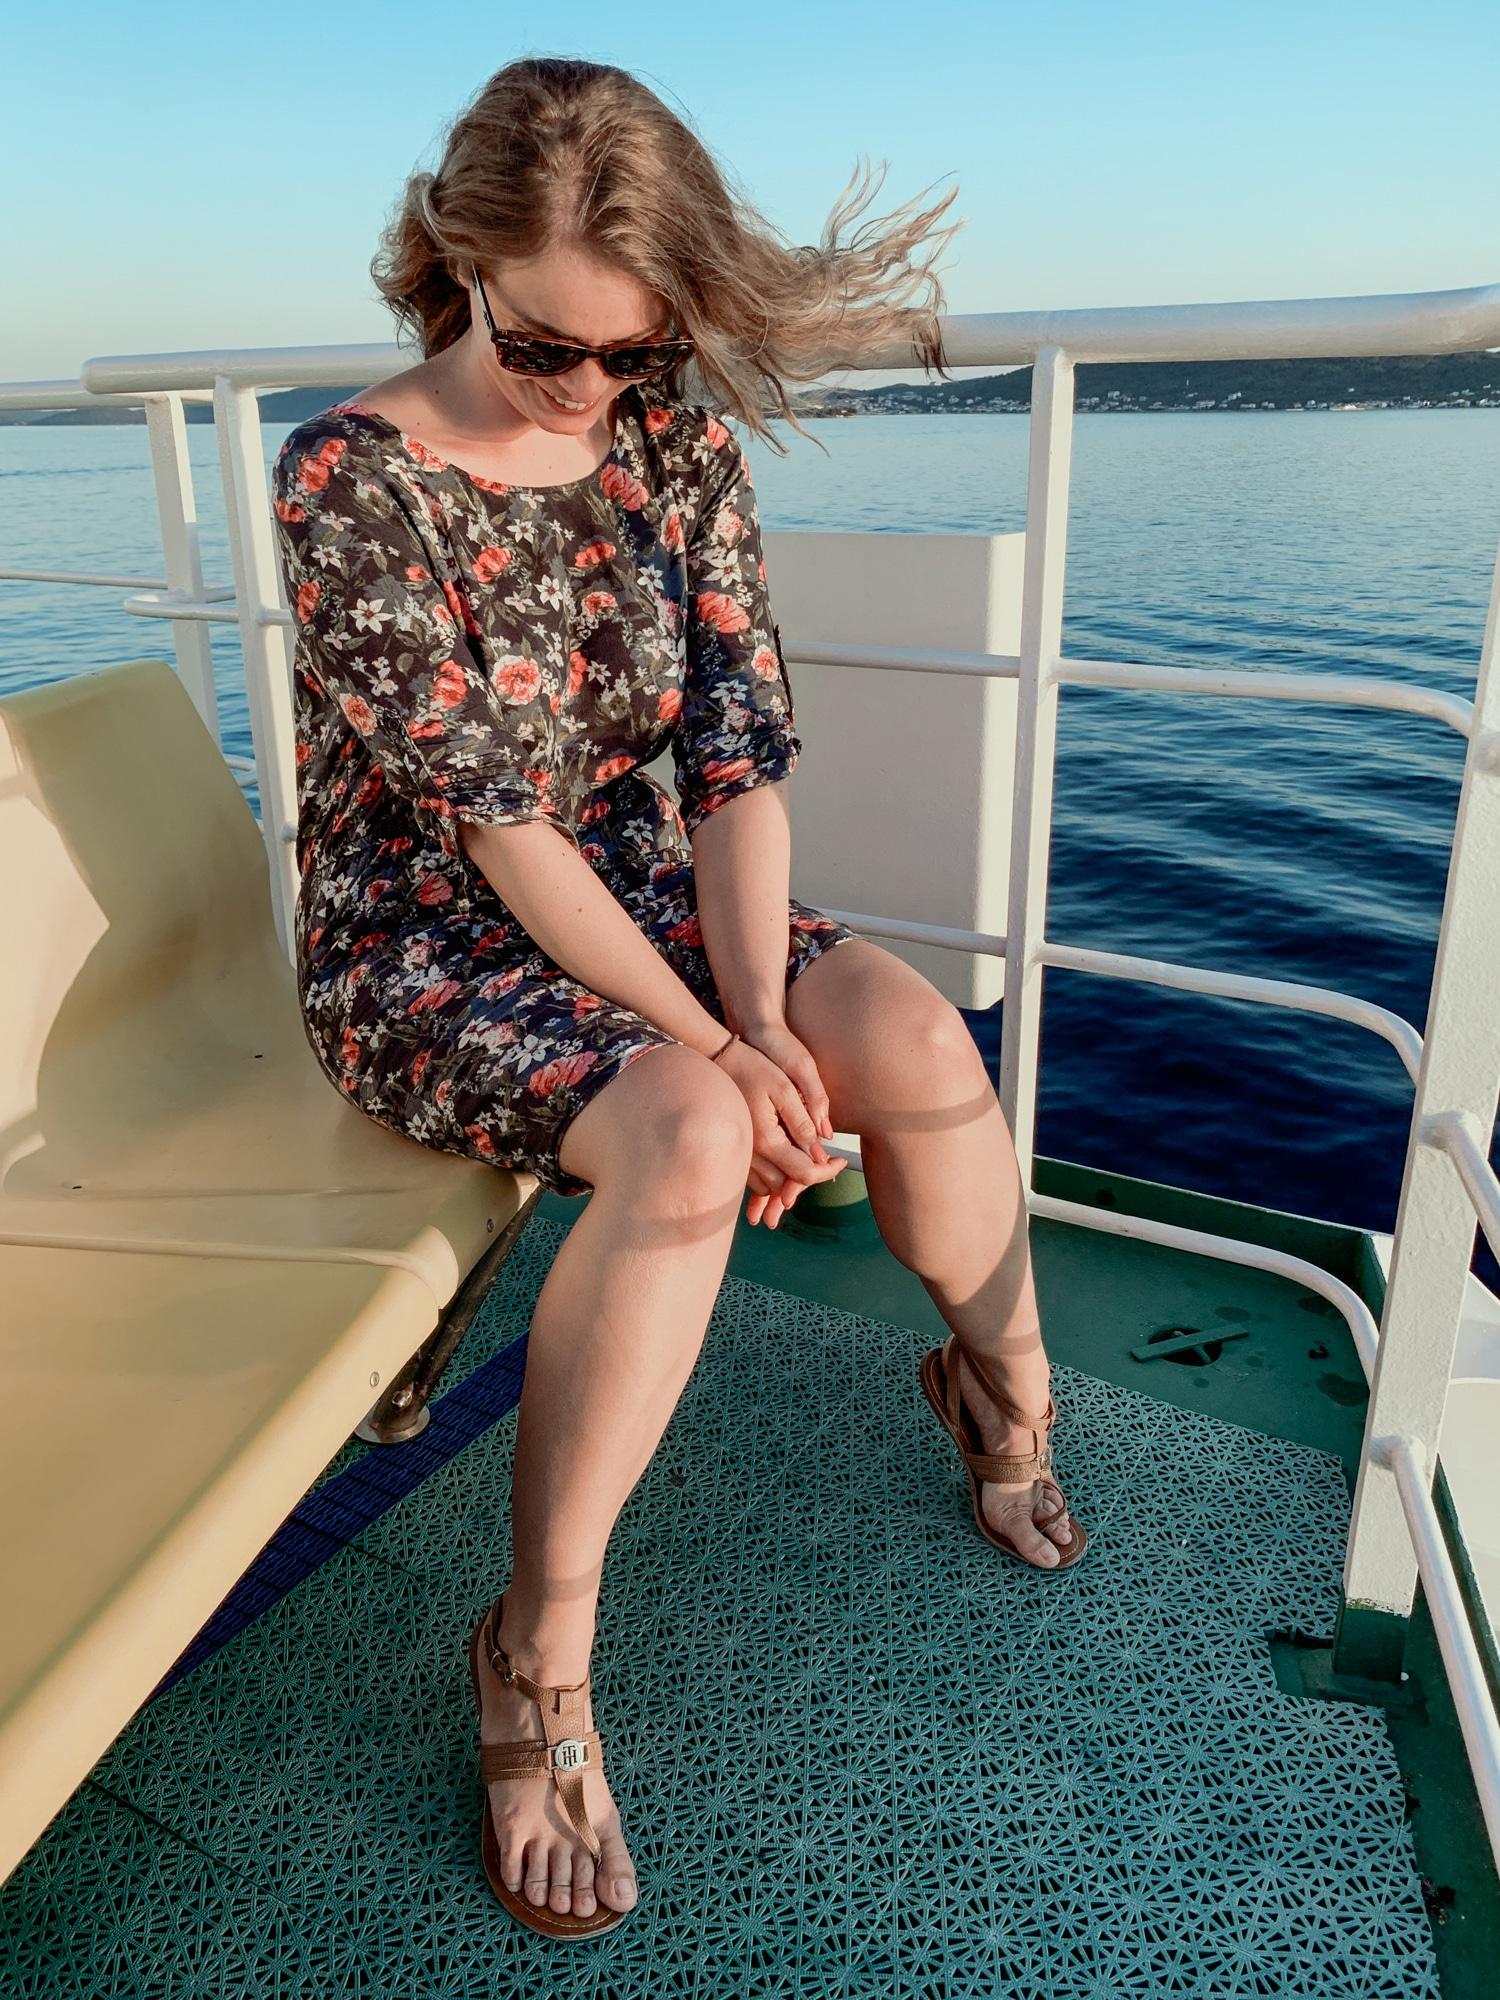 Dugi Otok Sehenswürdigkeiten: Meine Highlights und Tipps für die Insel - Fähre nach Dugi Otok